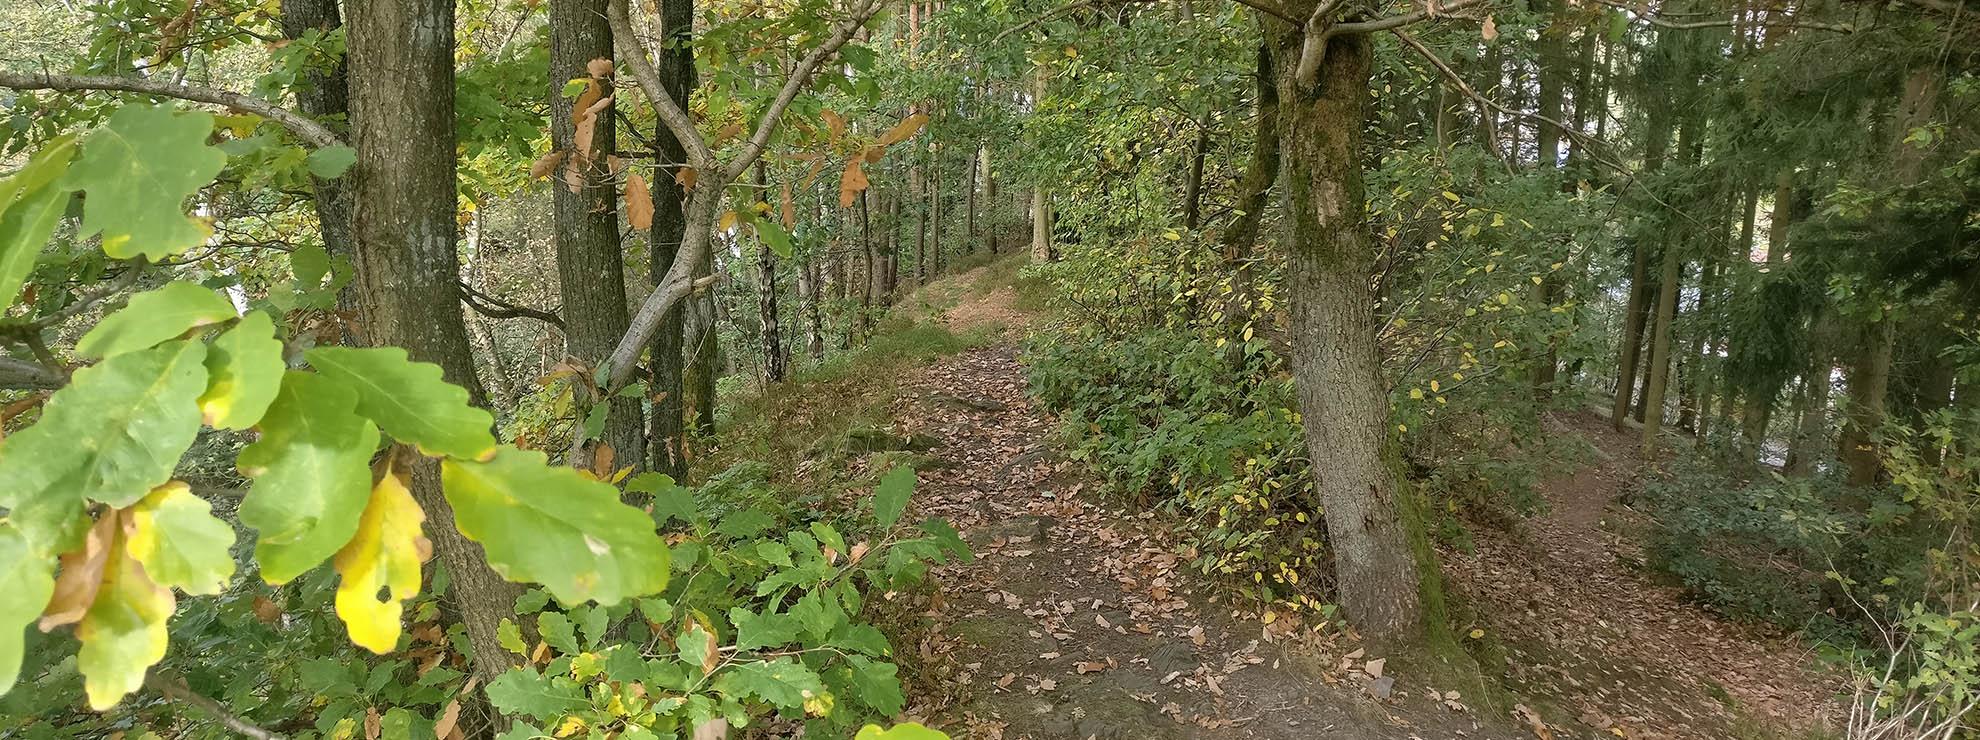 Sauerland Mountain Bike Trails direkt in der Nähe